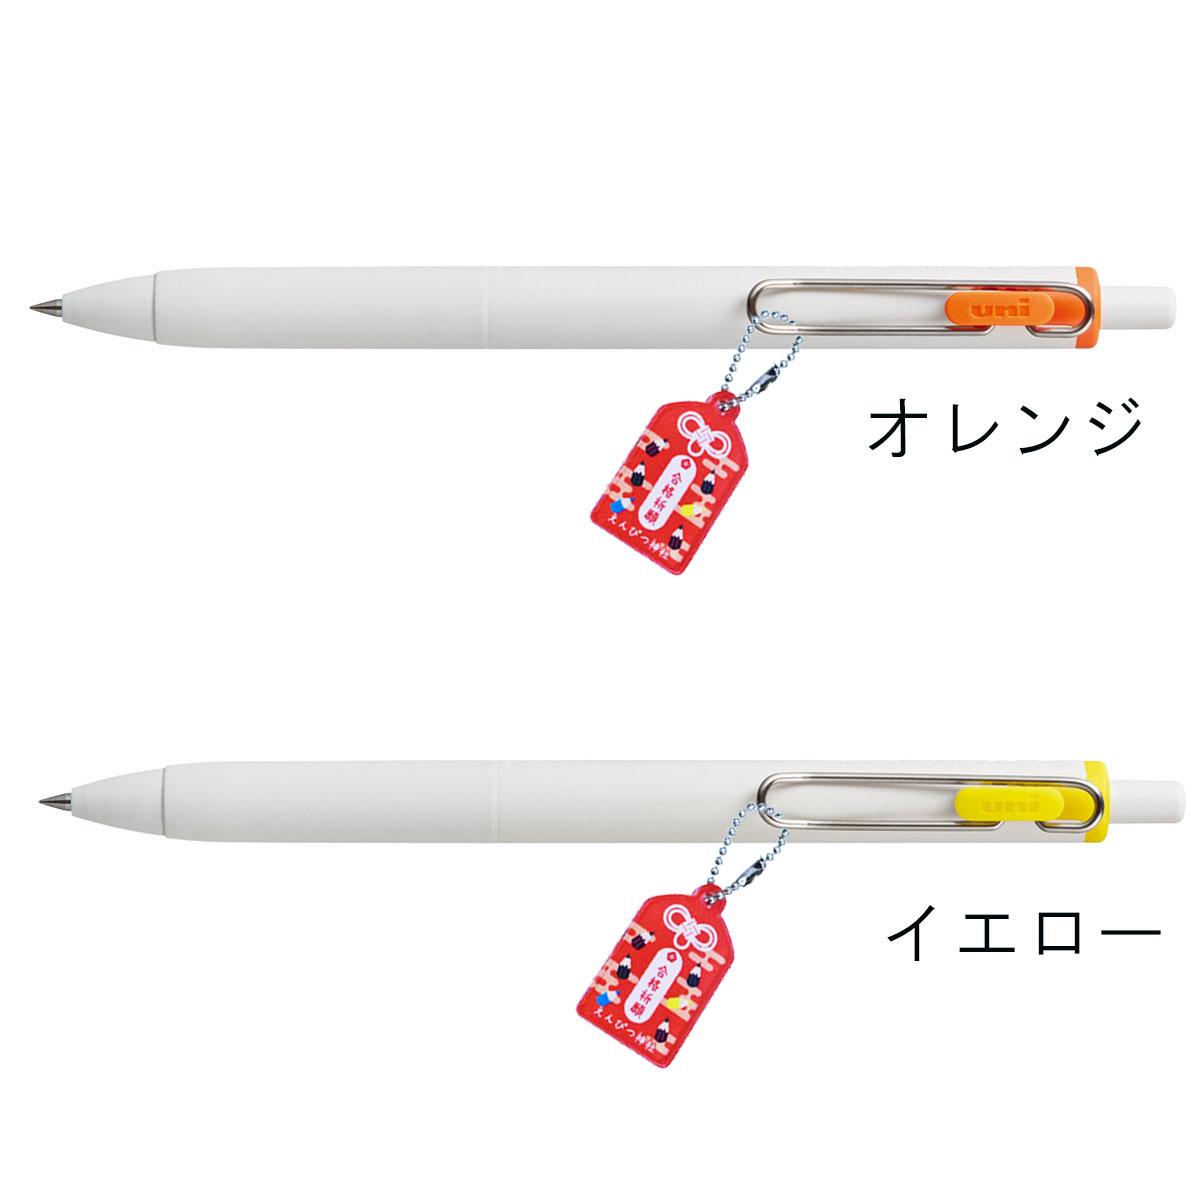 オリジナルチャーム付き 三菱鉛筆 ユニボール ワン 0.5mm UMN-S-05